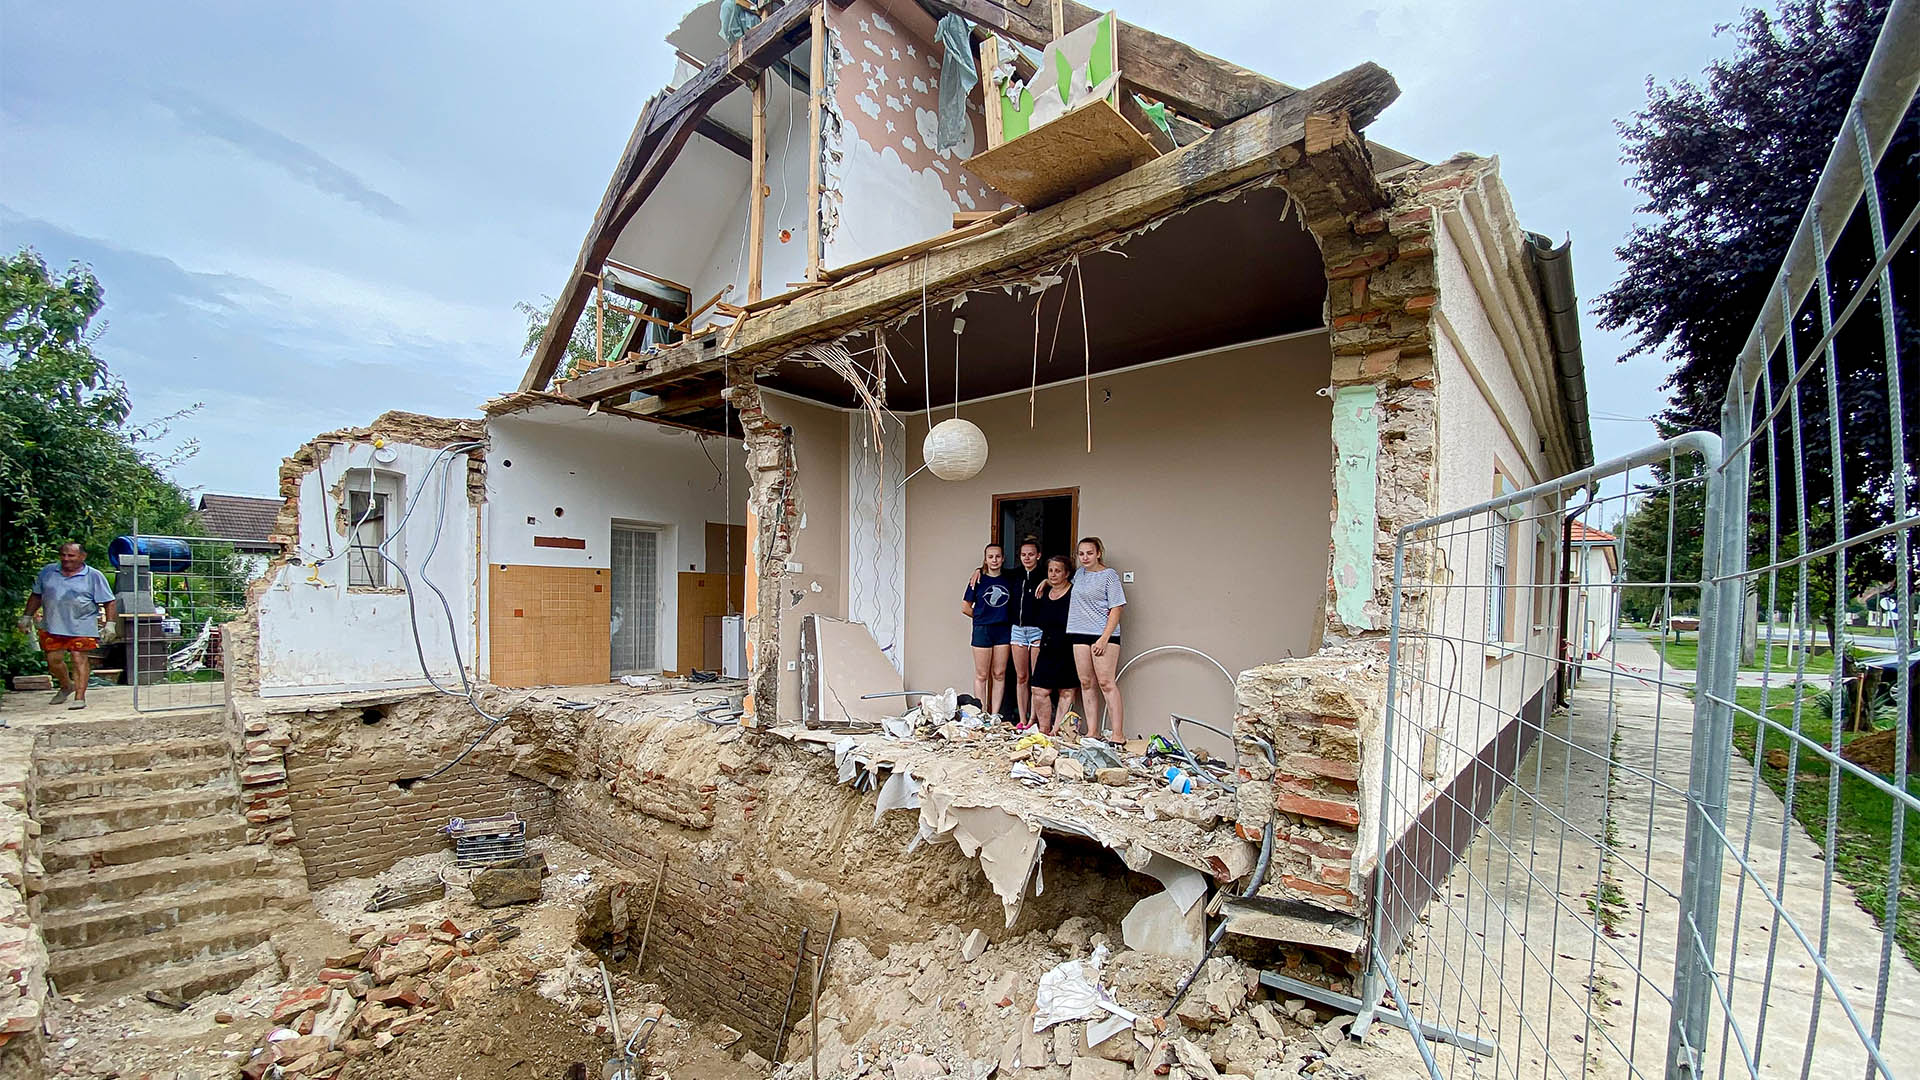 b. molnár márk böhönye családi ház életveszély eső kötél egyesület özönvíz statikus tűzoltóság vargáné kiss barbara villámárvíz